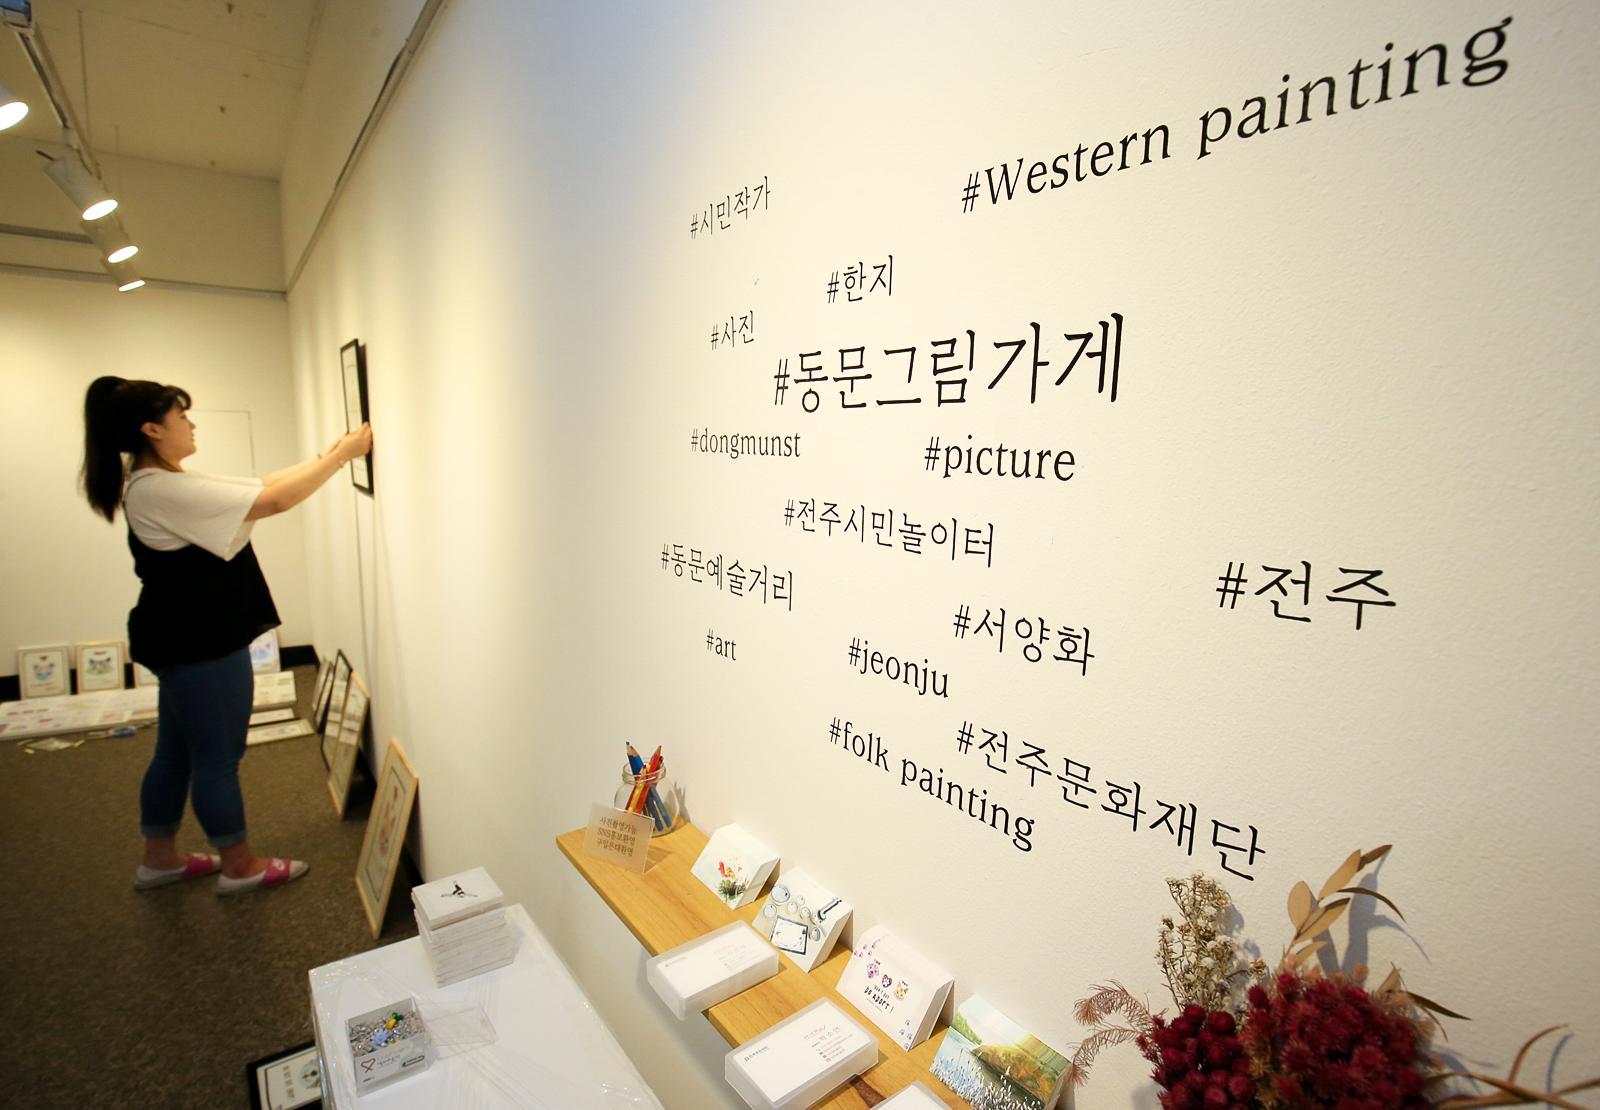 지난 9일 전주시민놀이터 1층 갤러리 공간에서 일러스트 작가 박소연(27·여)씨가 그림을 벽에 진열하고 있다. 프리랜서 장정필